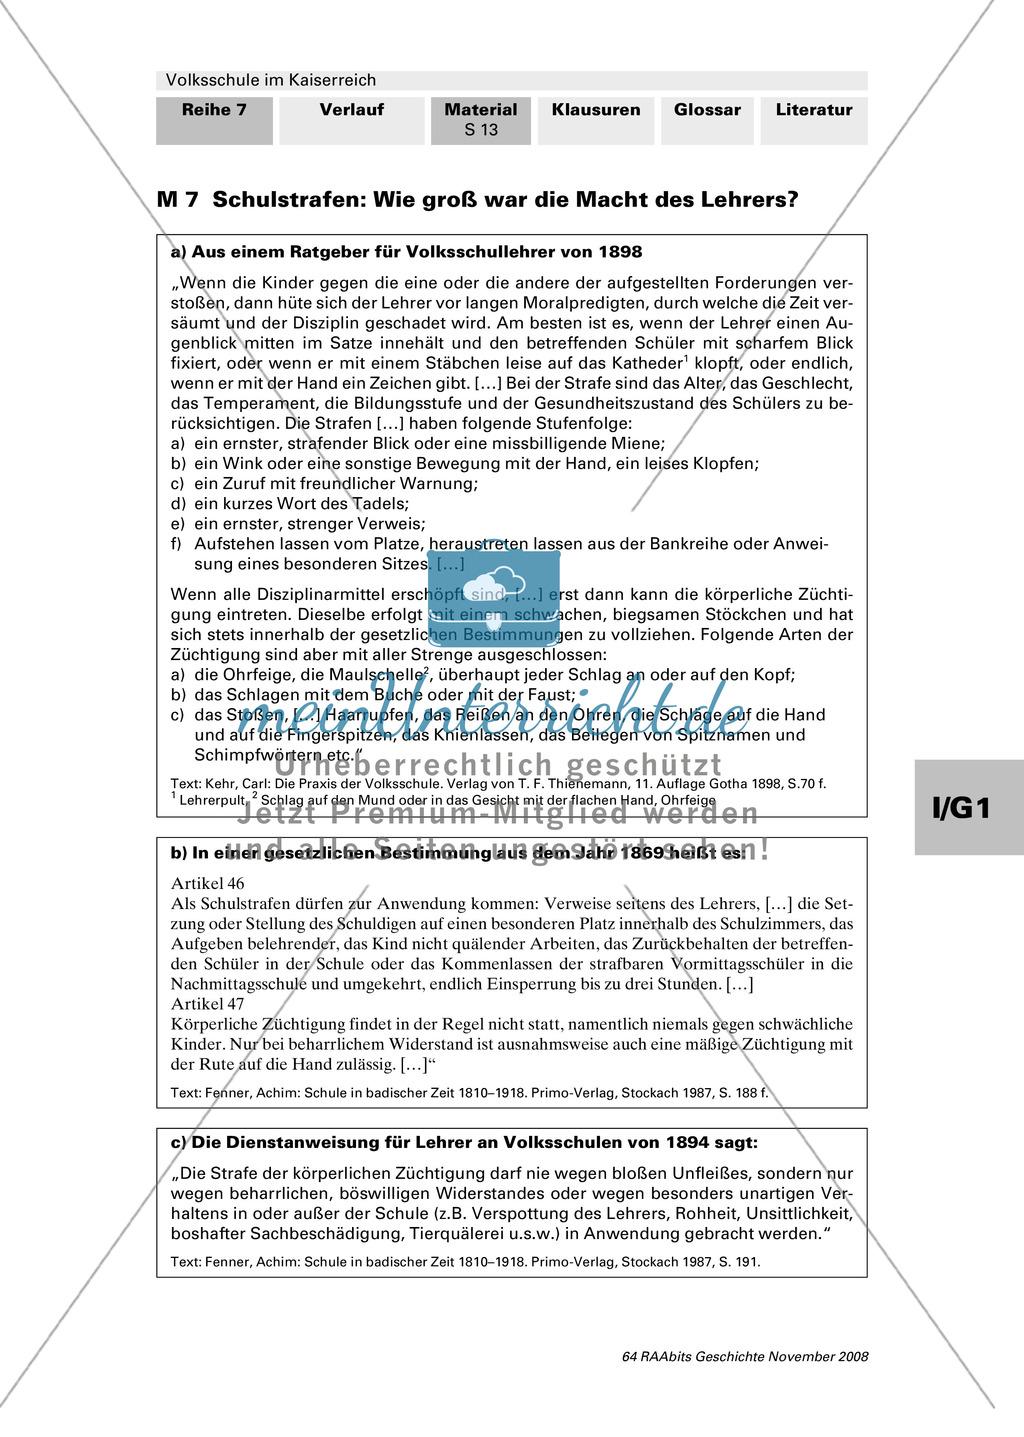 Volksschule im Kaiserreich: Gruppenarbeit zu Aspekten der Volksschule wie Disziplin, Regeln, Strafen, Stundenplan, Lehrerverhalten Preview 11